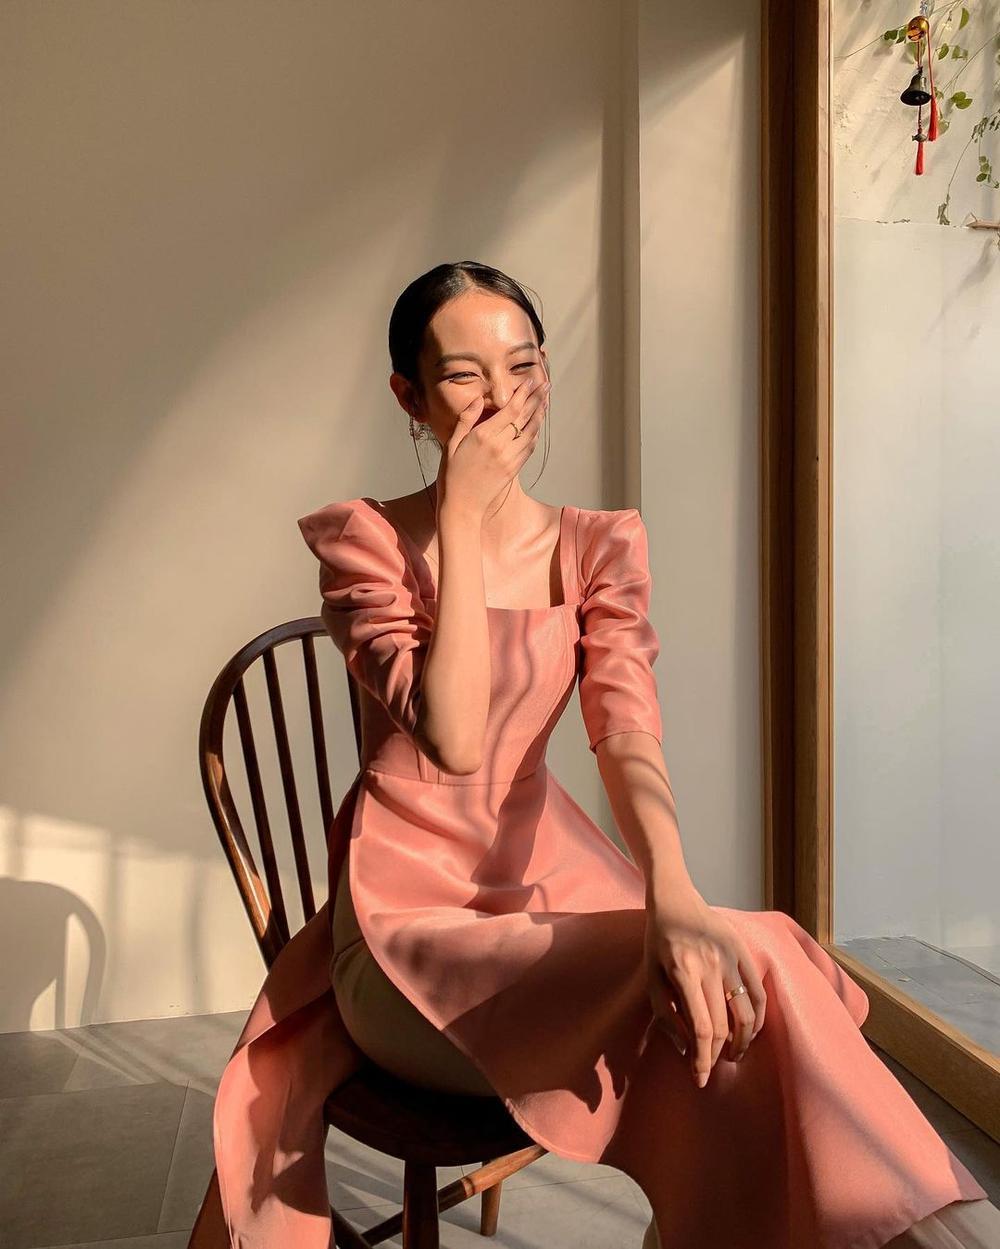 Sao Việt xúng xính mùng 1 Tết: H'Hen Niê diện đồ truyền thống, Tú Hảo, Bảo Anh nhẹ nhàng với áo dài Ảnh 4